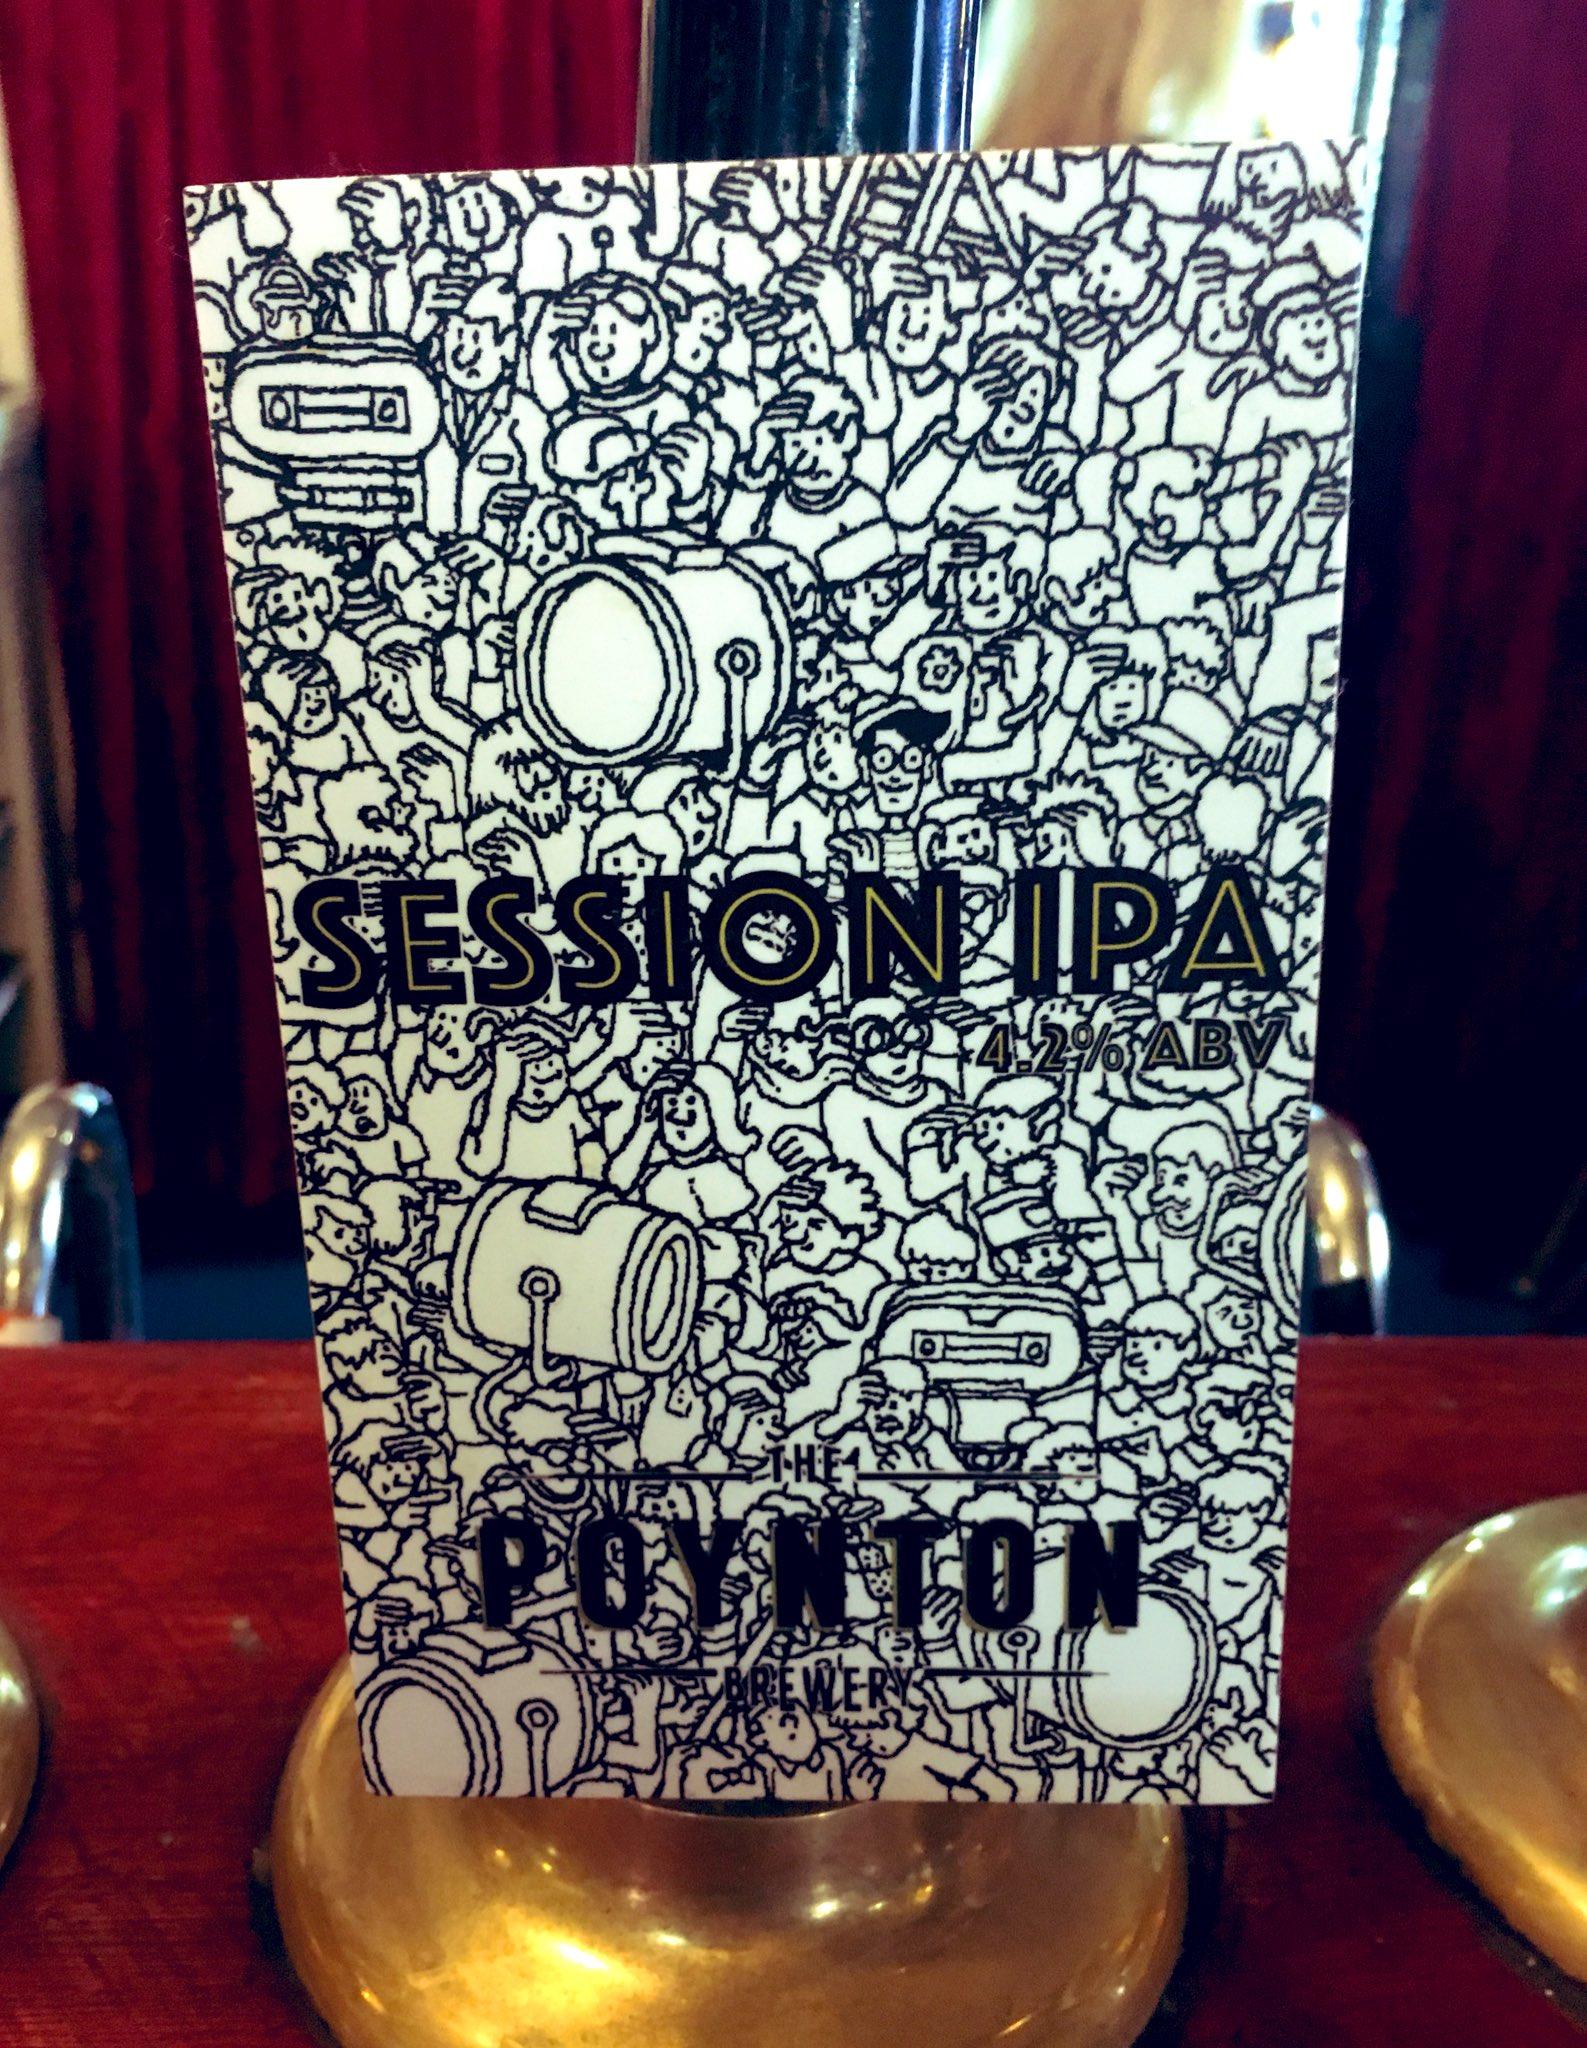 169: Session IPA